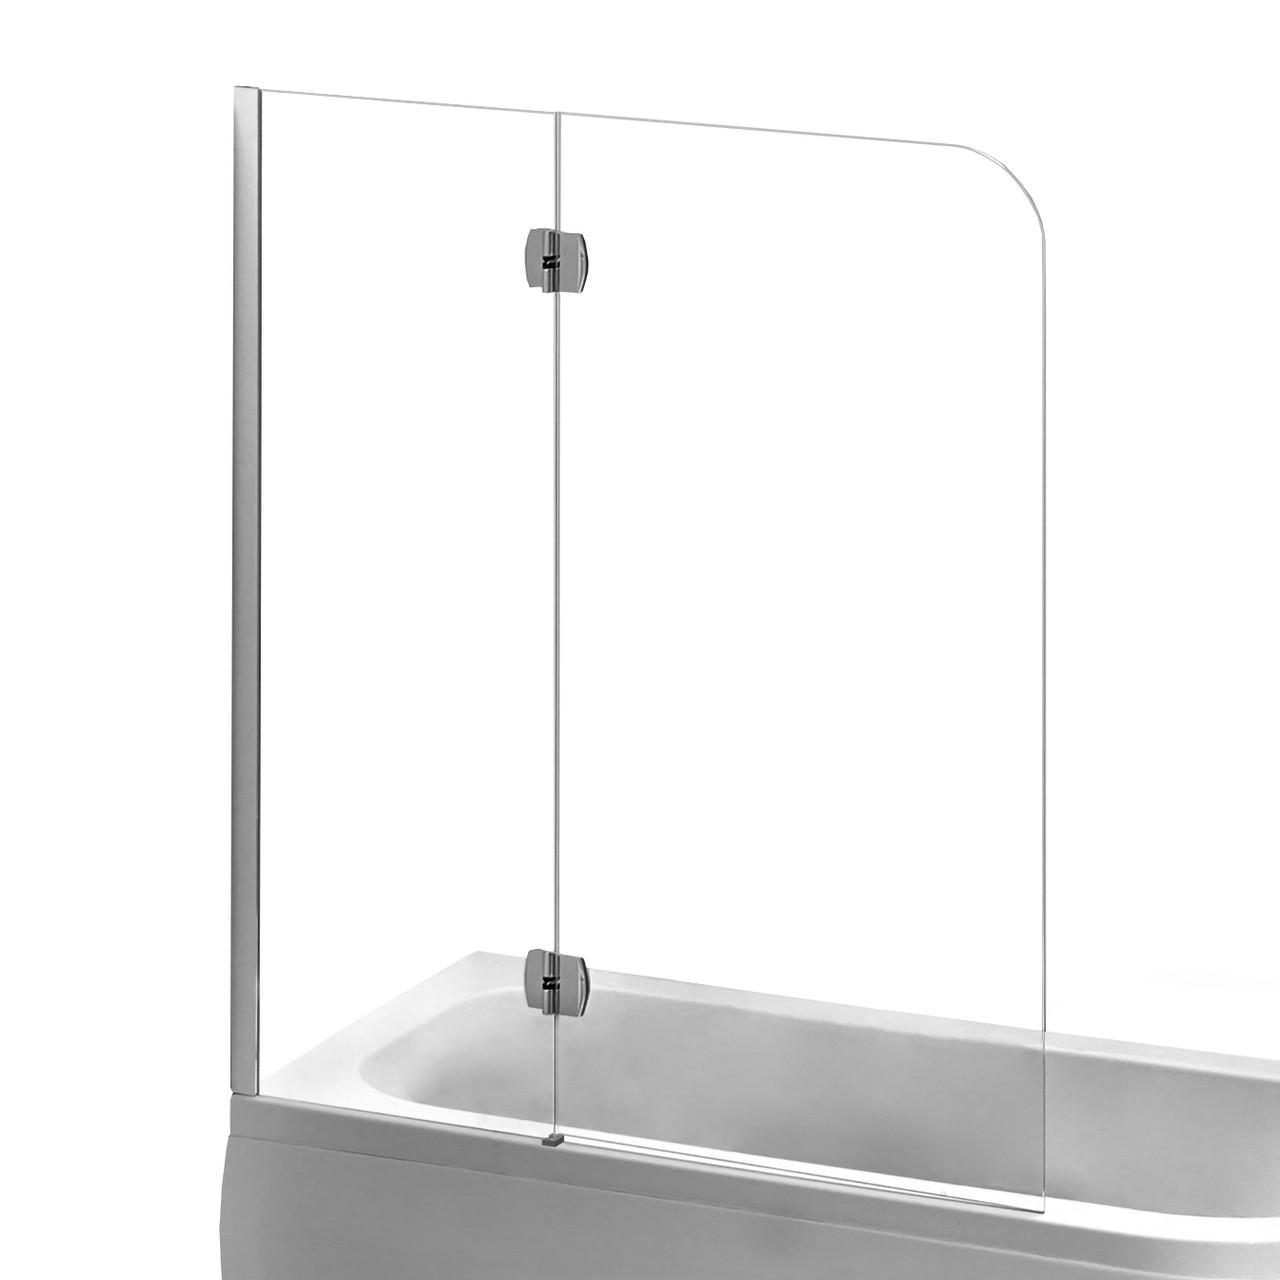 Шторка на ванну 120*150см, левая, профиль хром